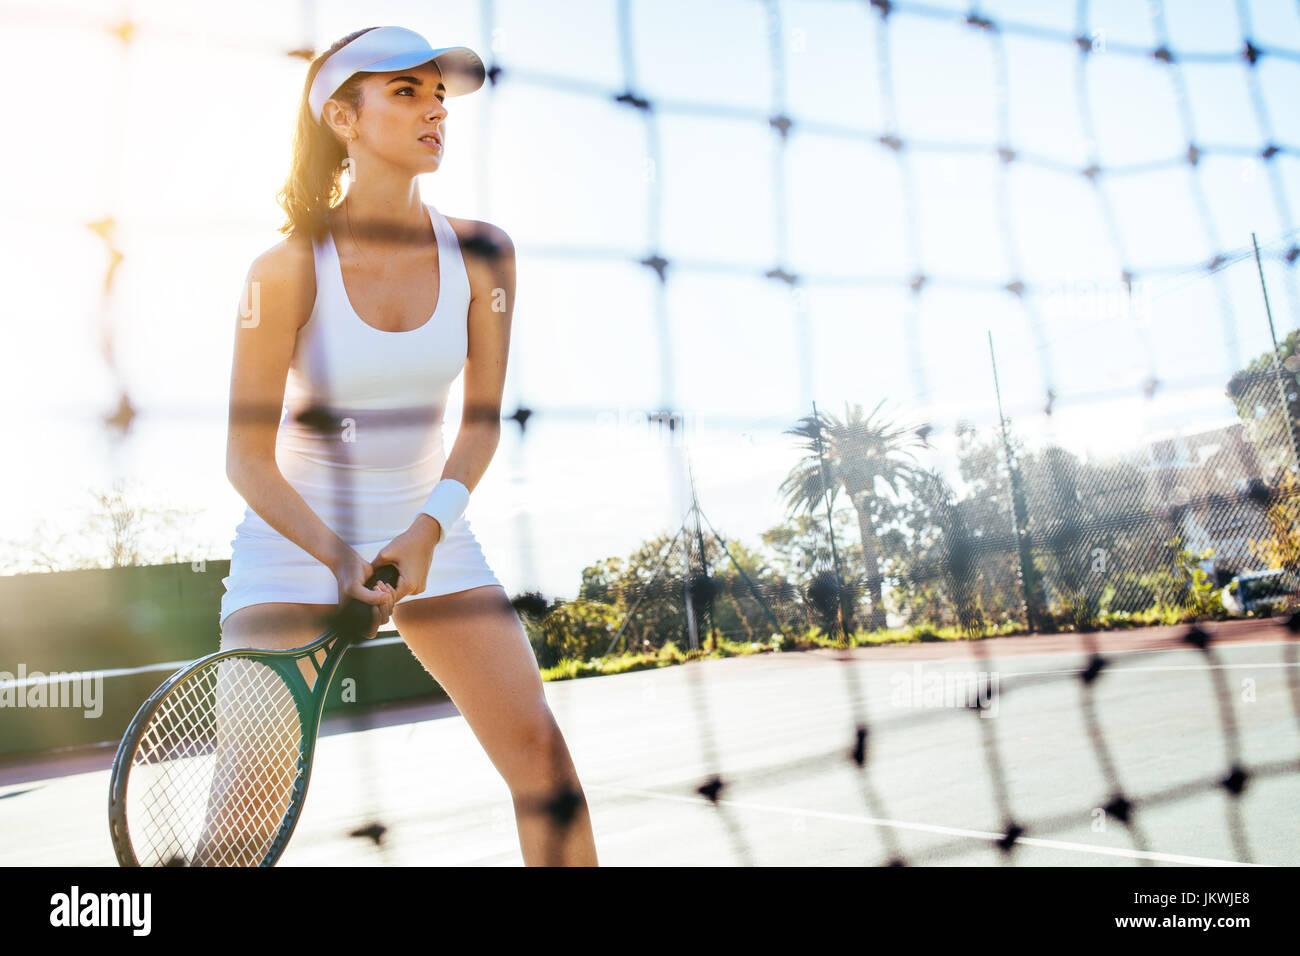 Ritratto di un bel giovane giocatore di tennis con la racchetta sulla corte. Sportive giocando una partita sul campo Immagini Stock